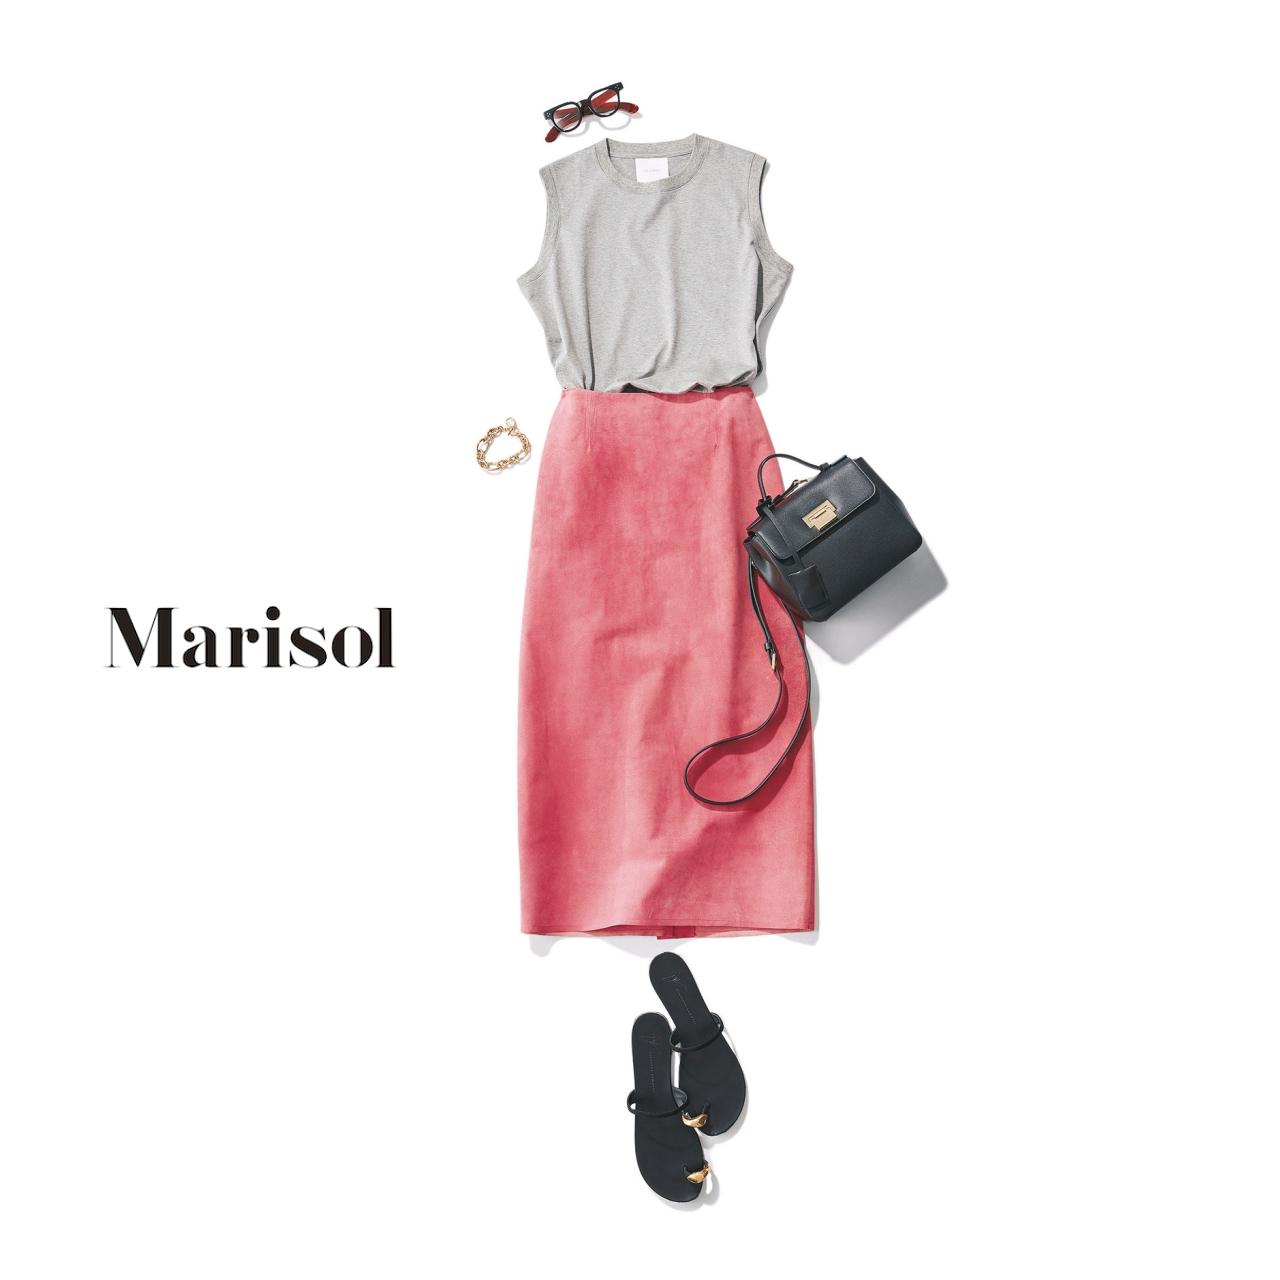 40代ファッション グレーカットソー×ピンクタイトスカートコーデ